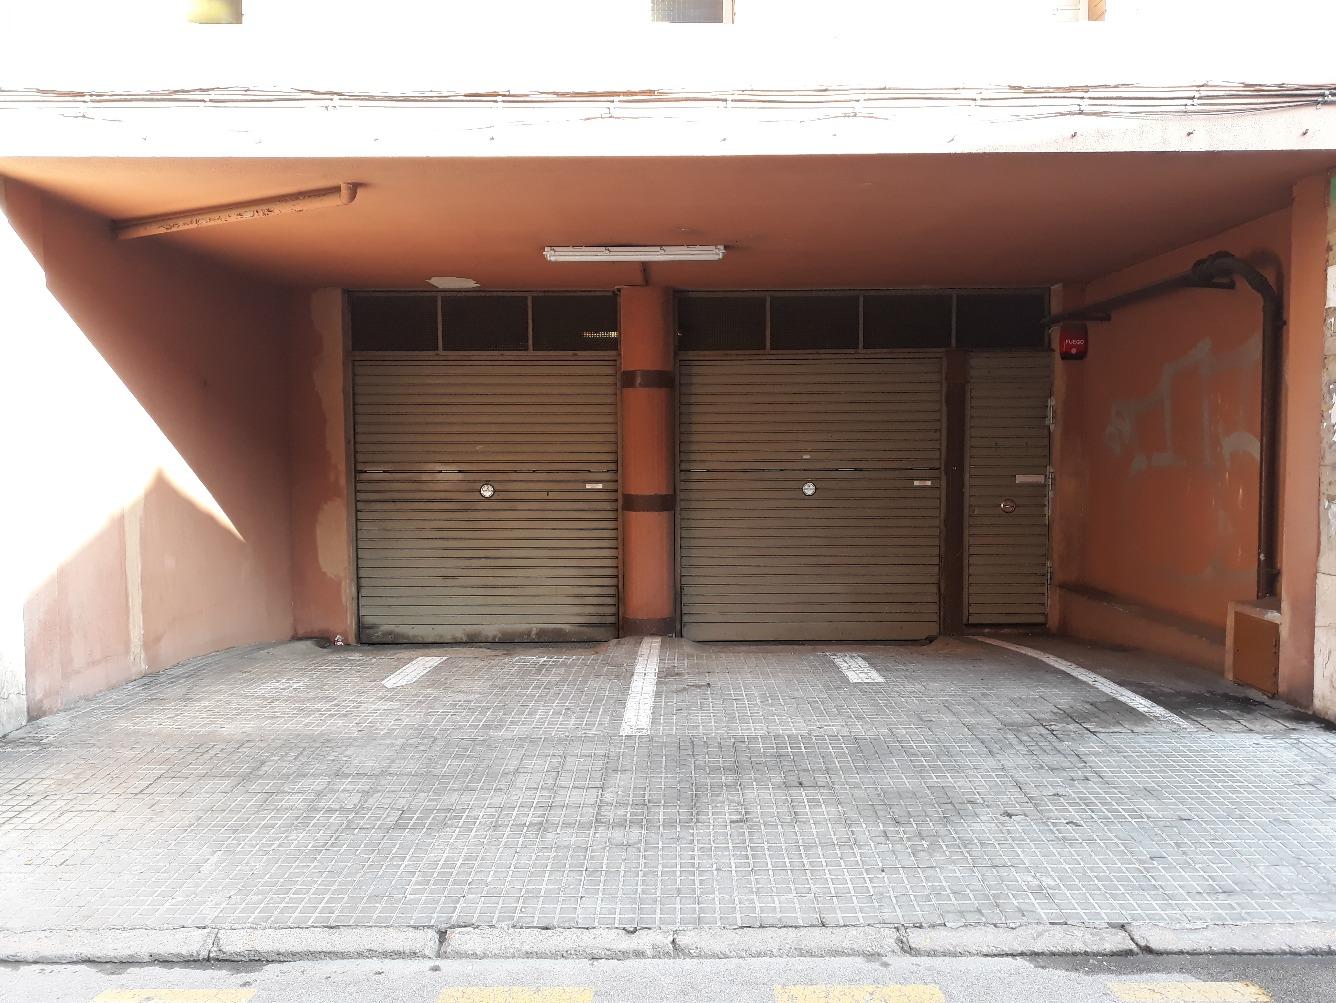 Parking coche  Calle santiago , 3